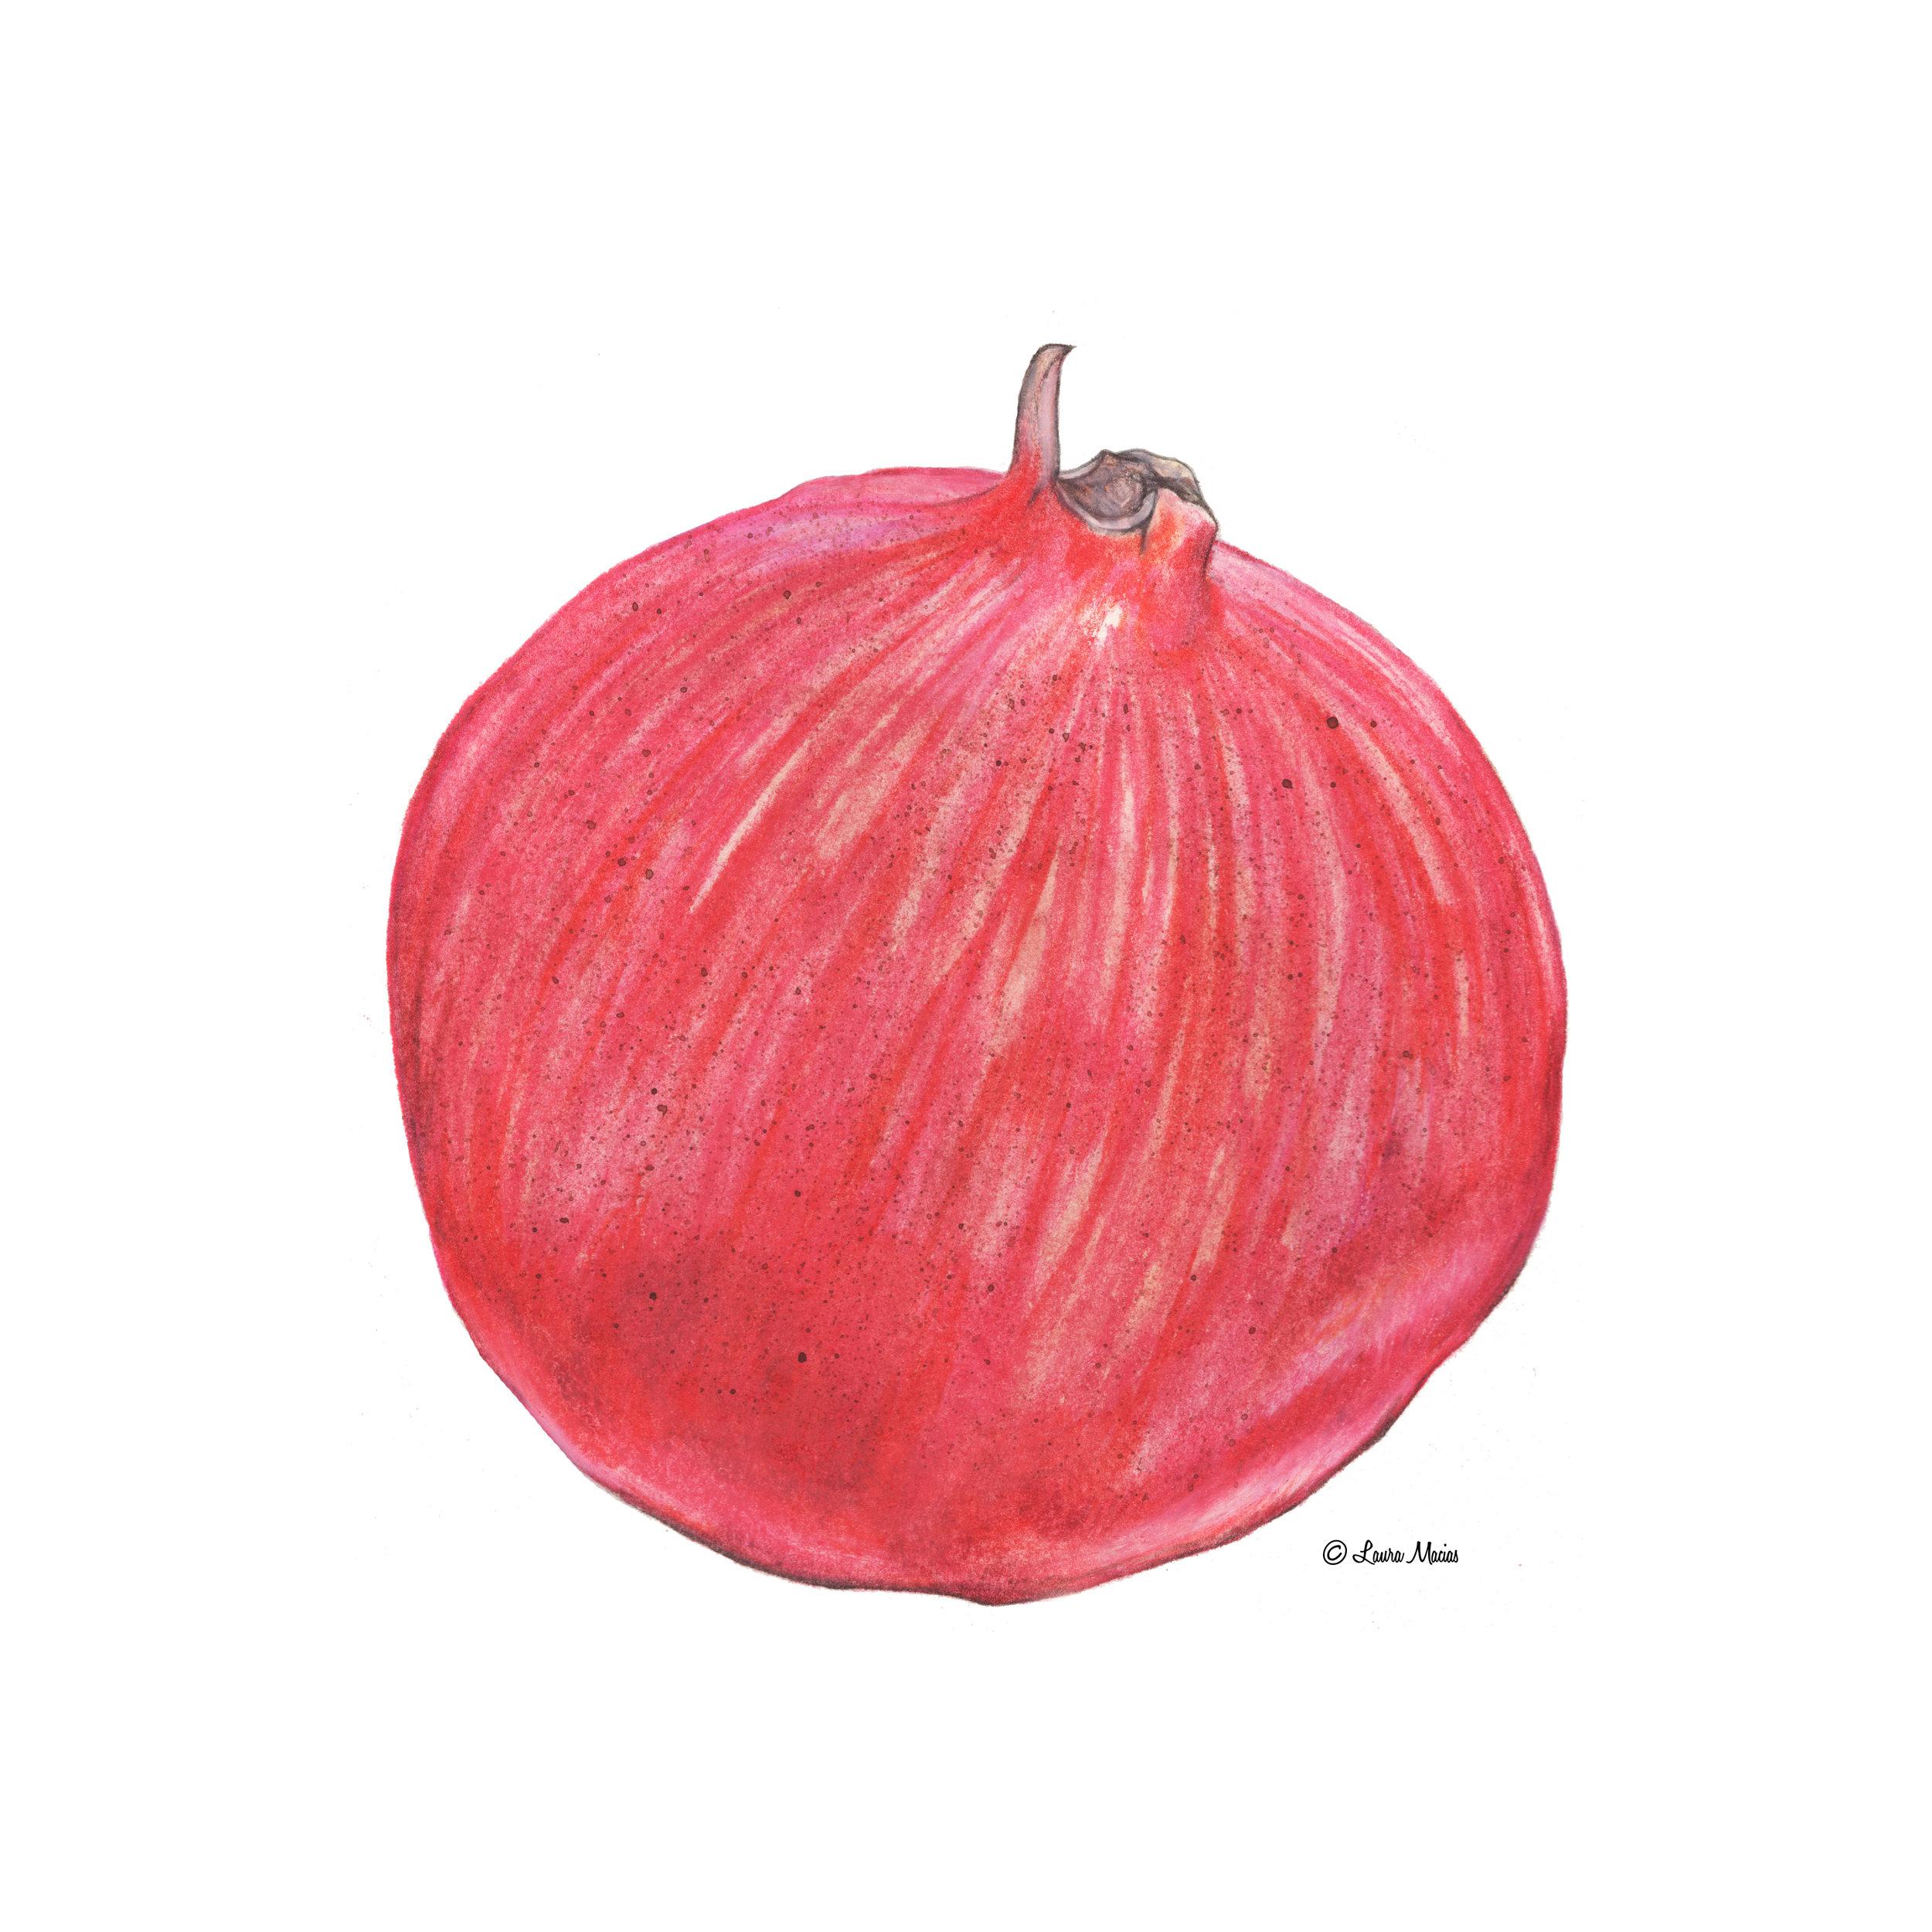 Pomegrante   Punica granatum    Watercolor and Colored Pencil on Bristol